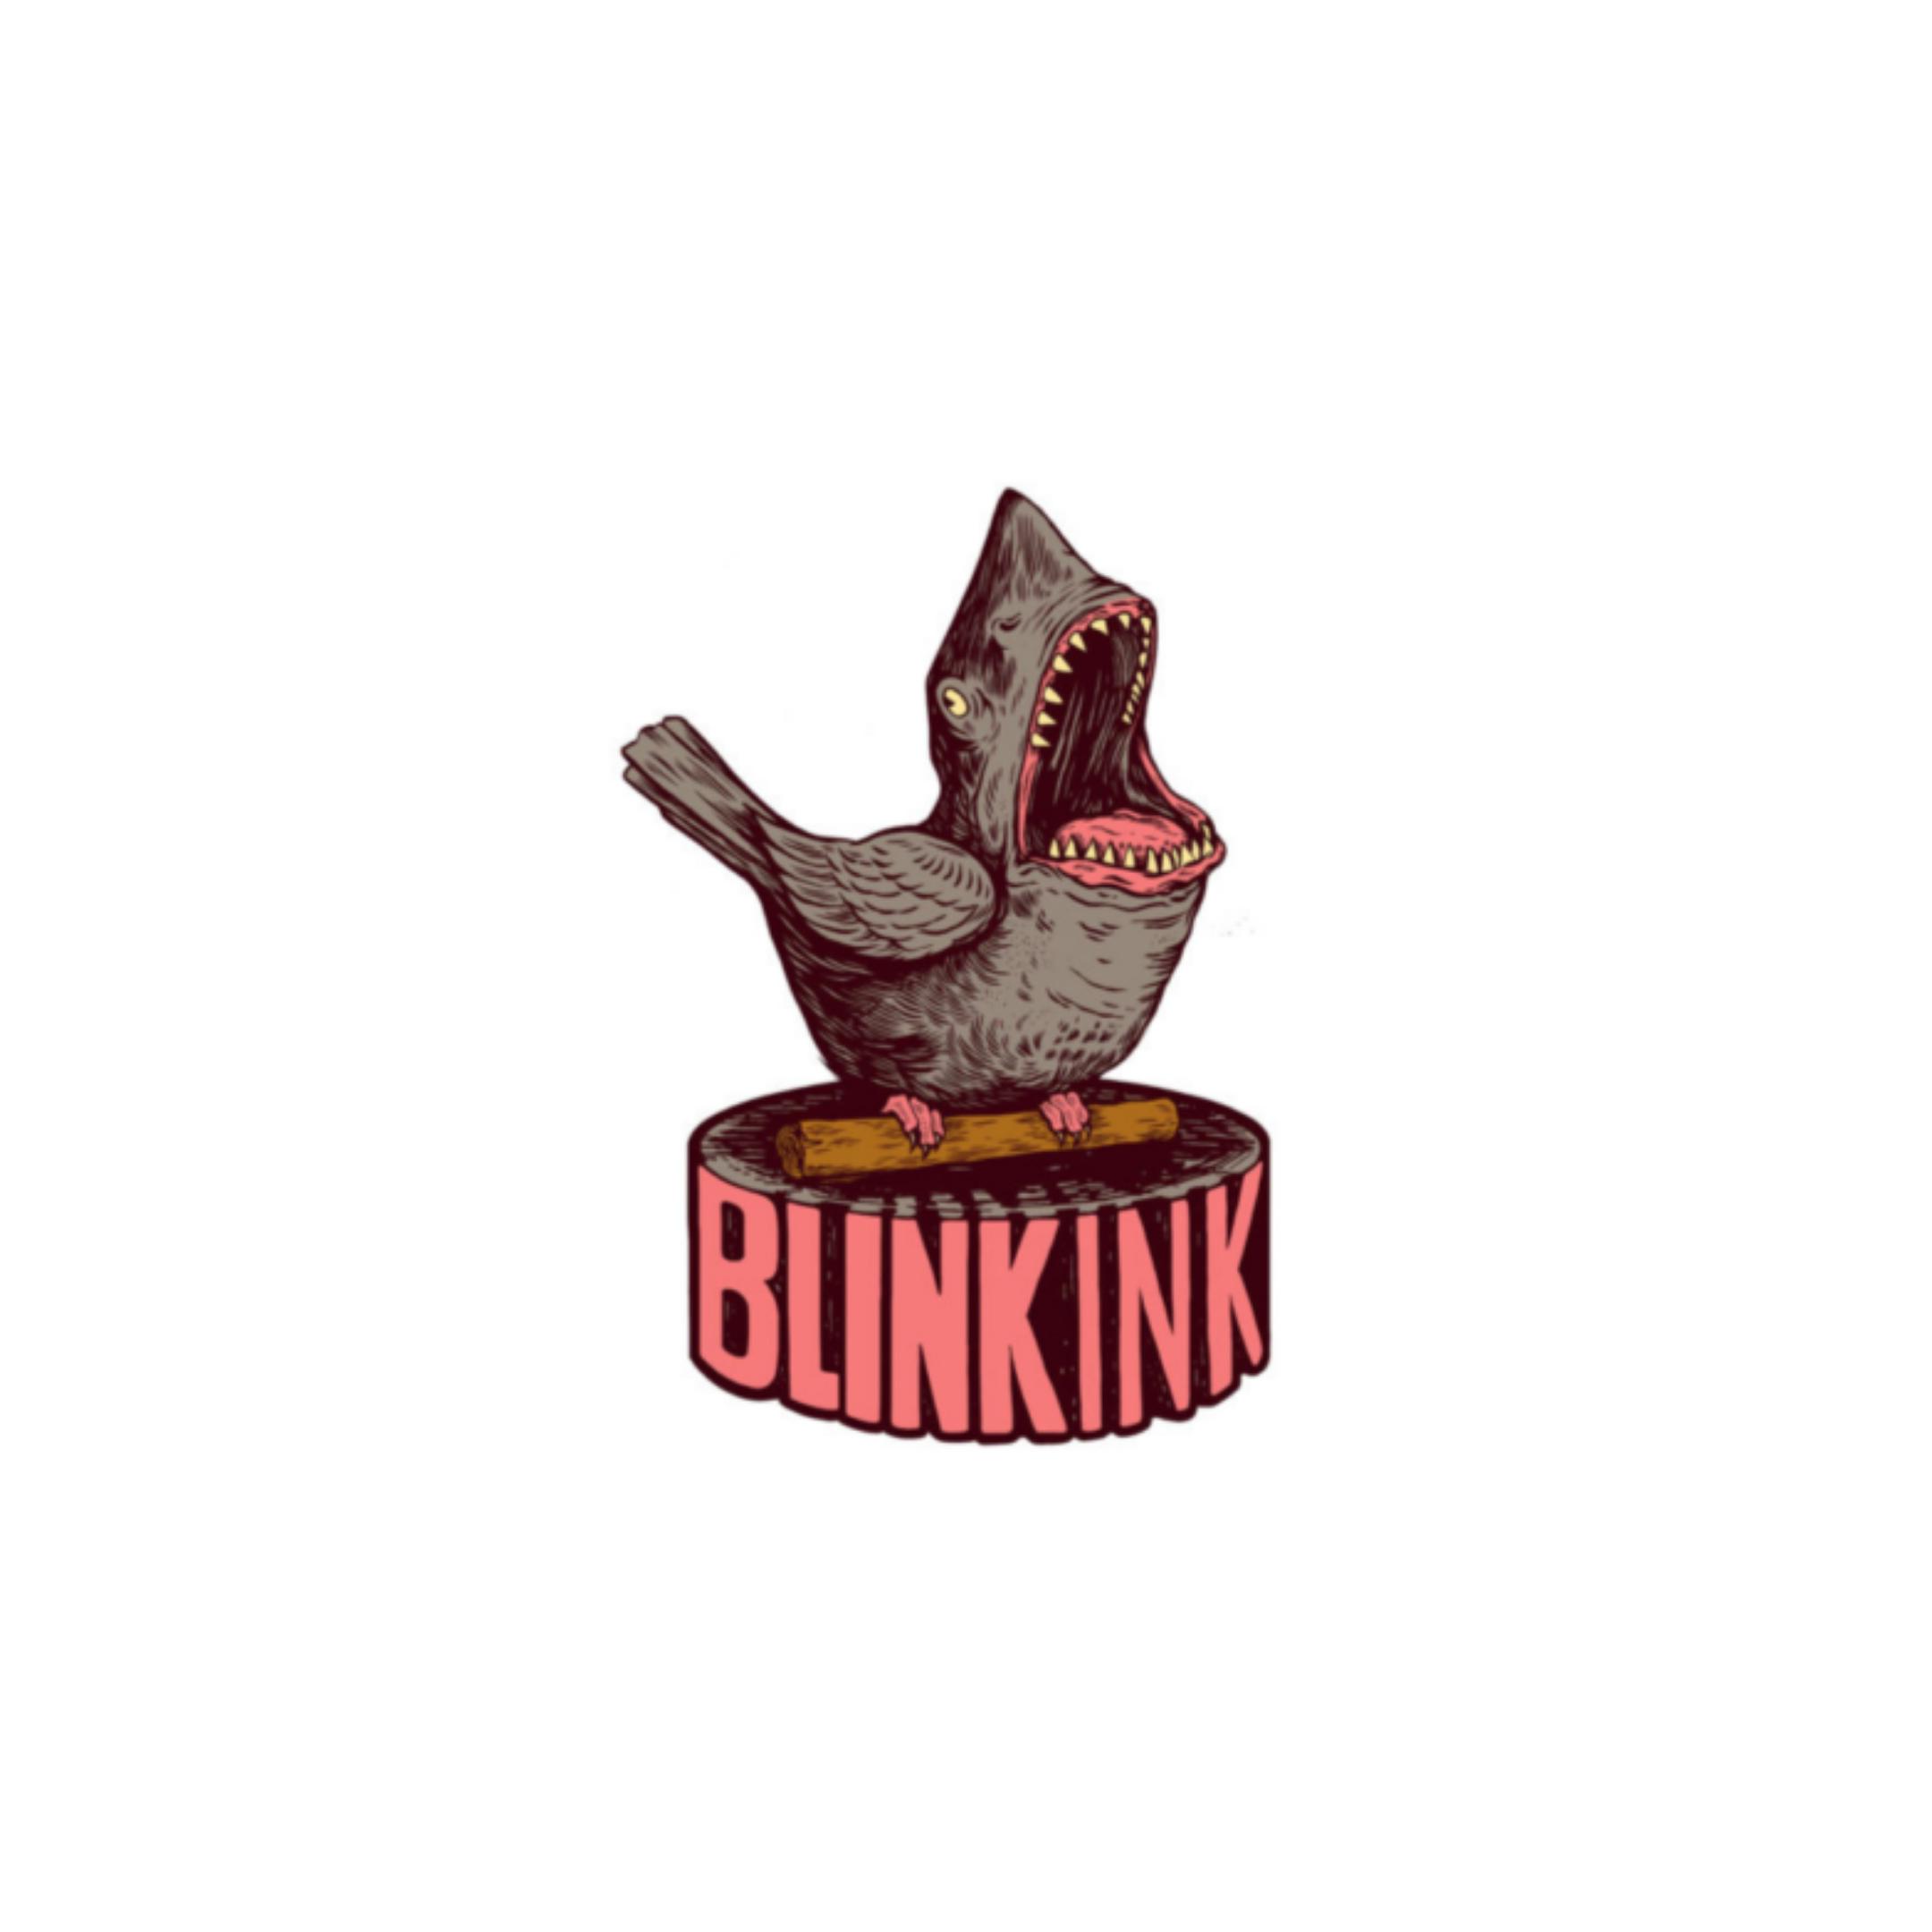 blink-ink